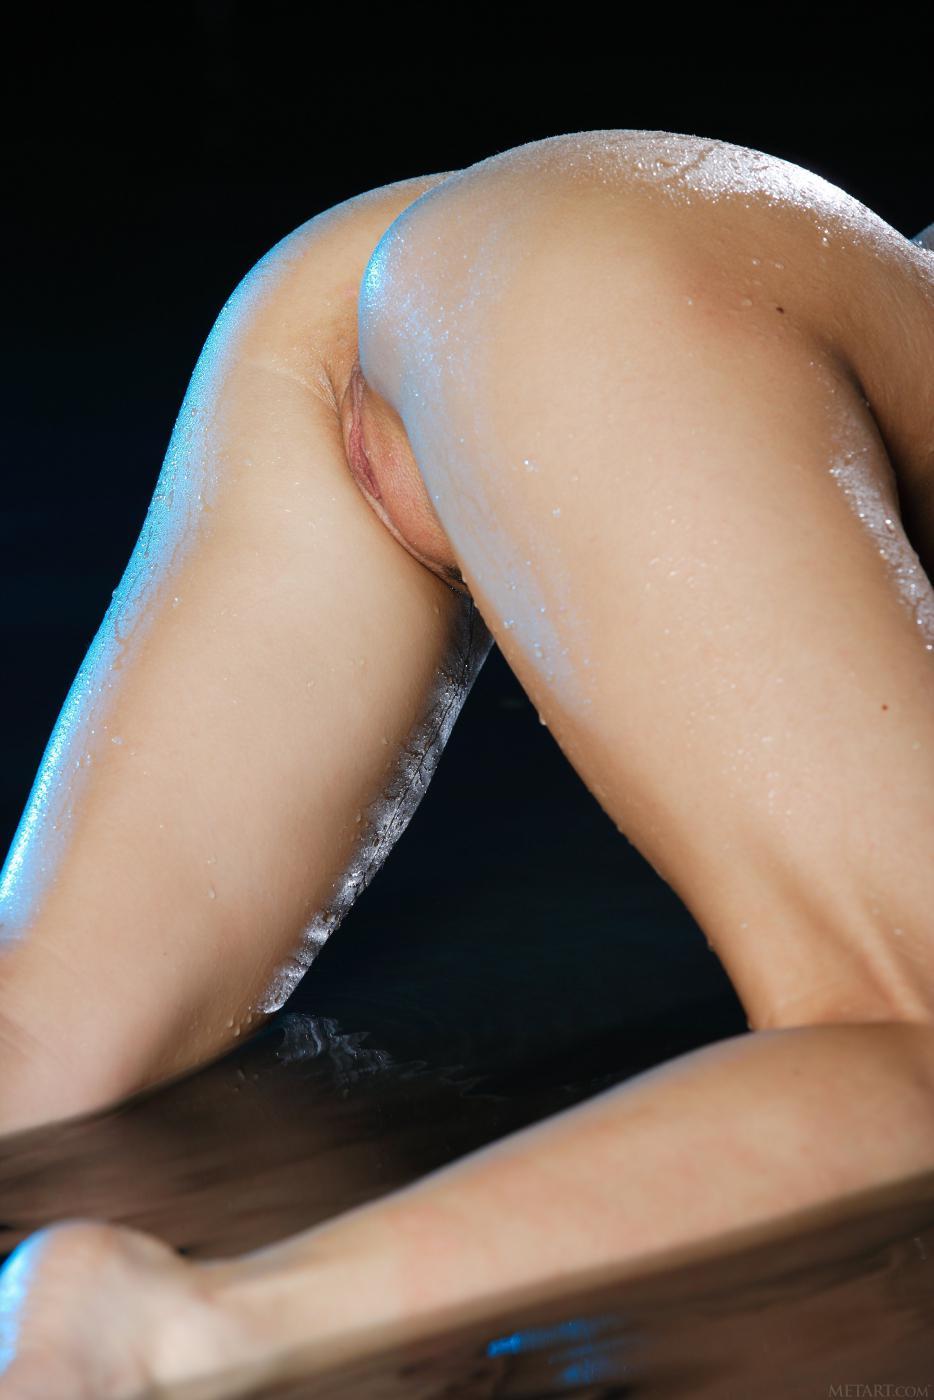 Сексуальная очаровательная малышка Milana G, знает как завести парня